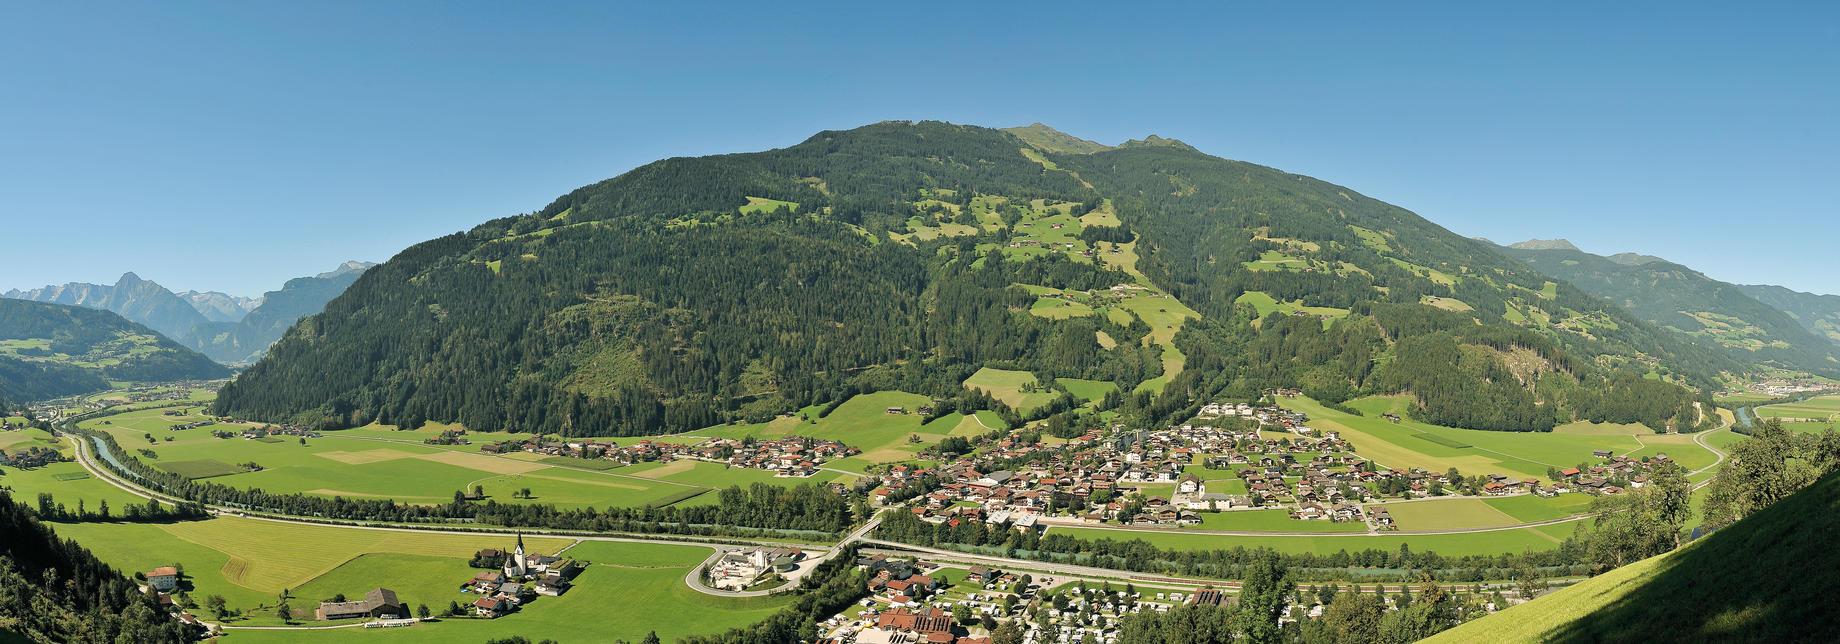 Ortsansicht Aschau im Sommer   © Erste Ferienregion im Zillertal / Wörgötter&friends